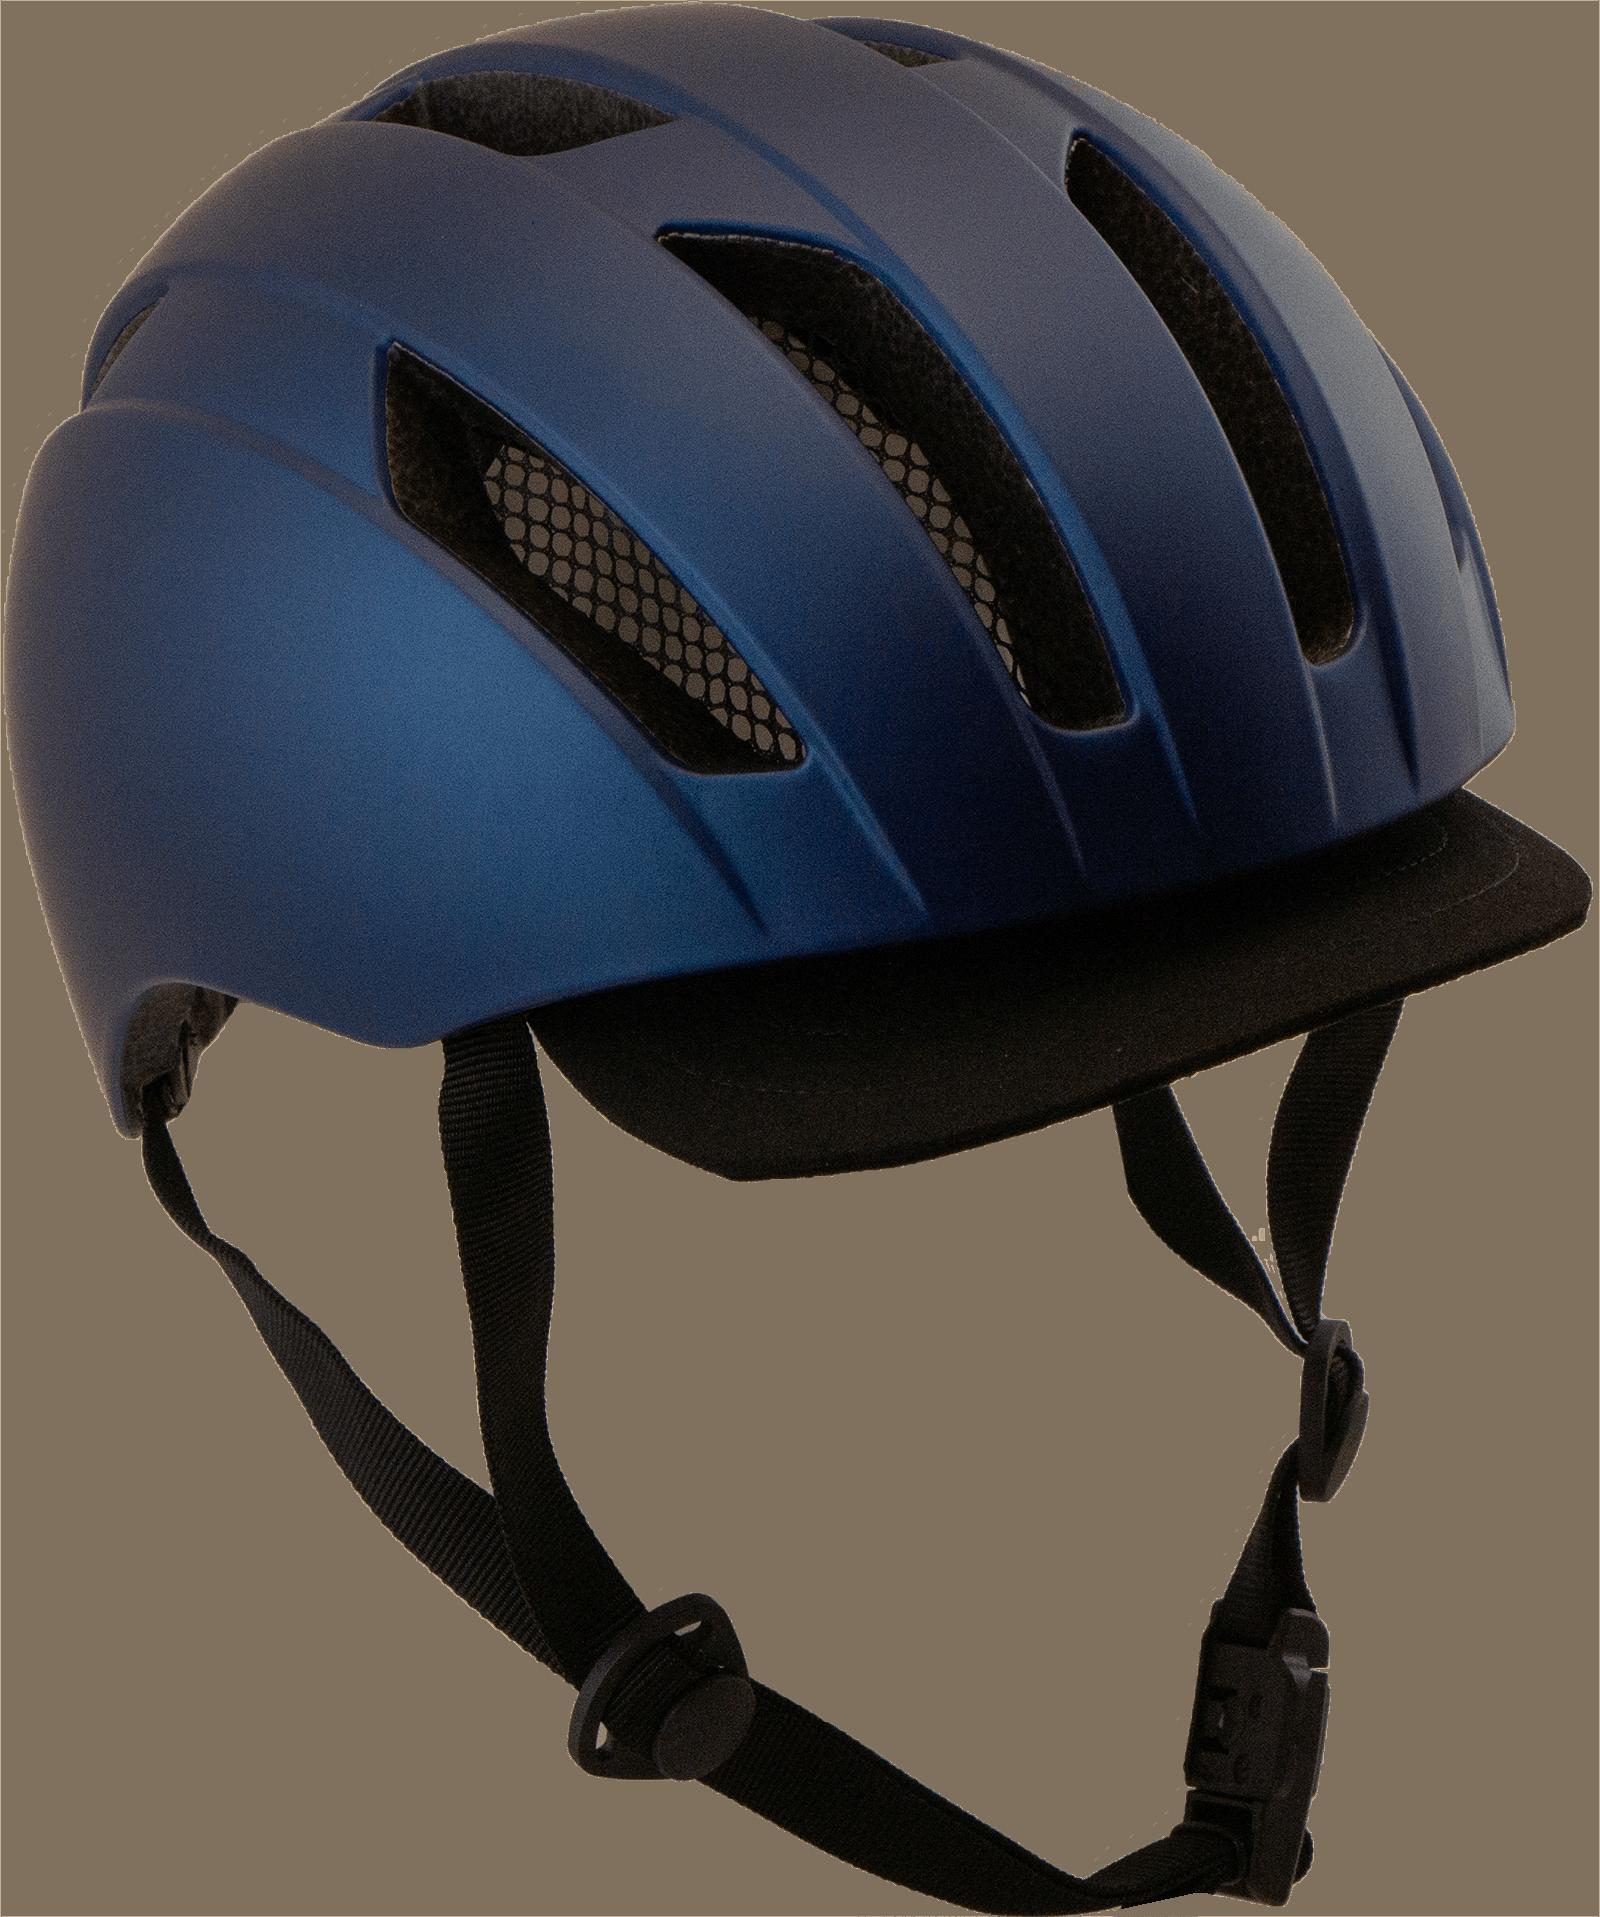 Cykelhjälm Blå